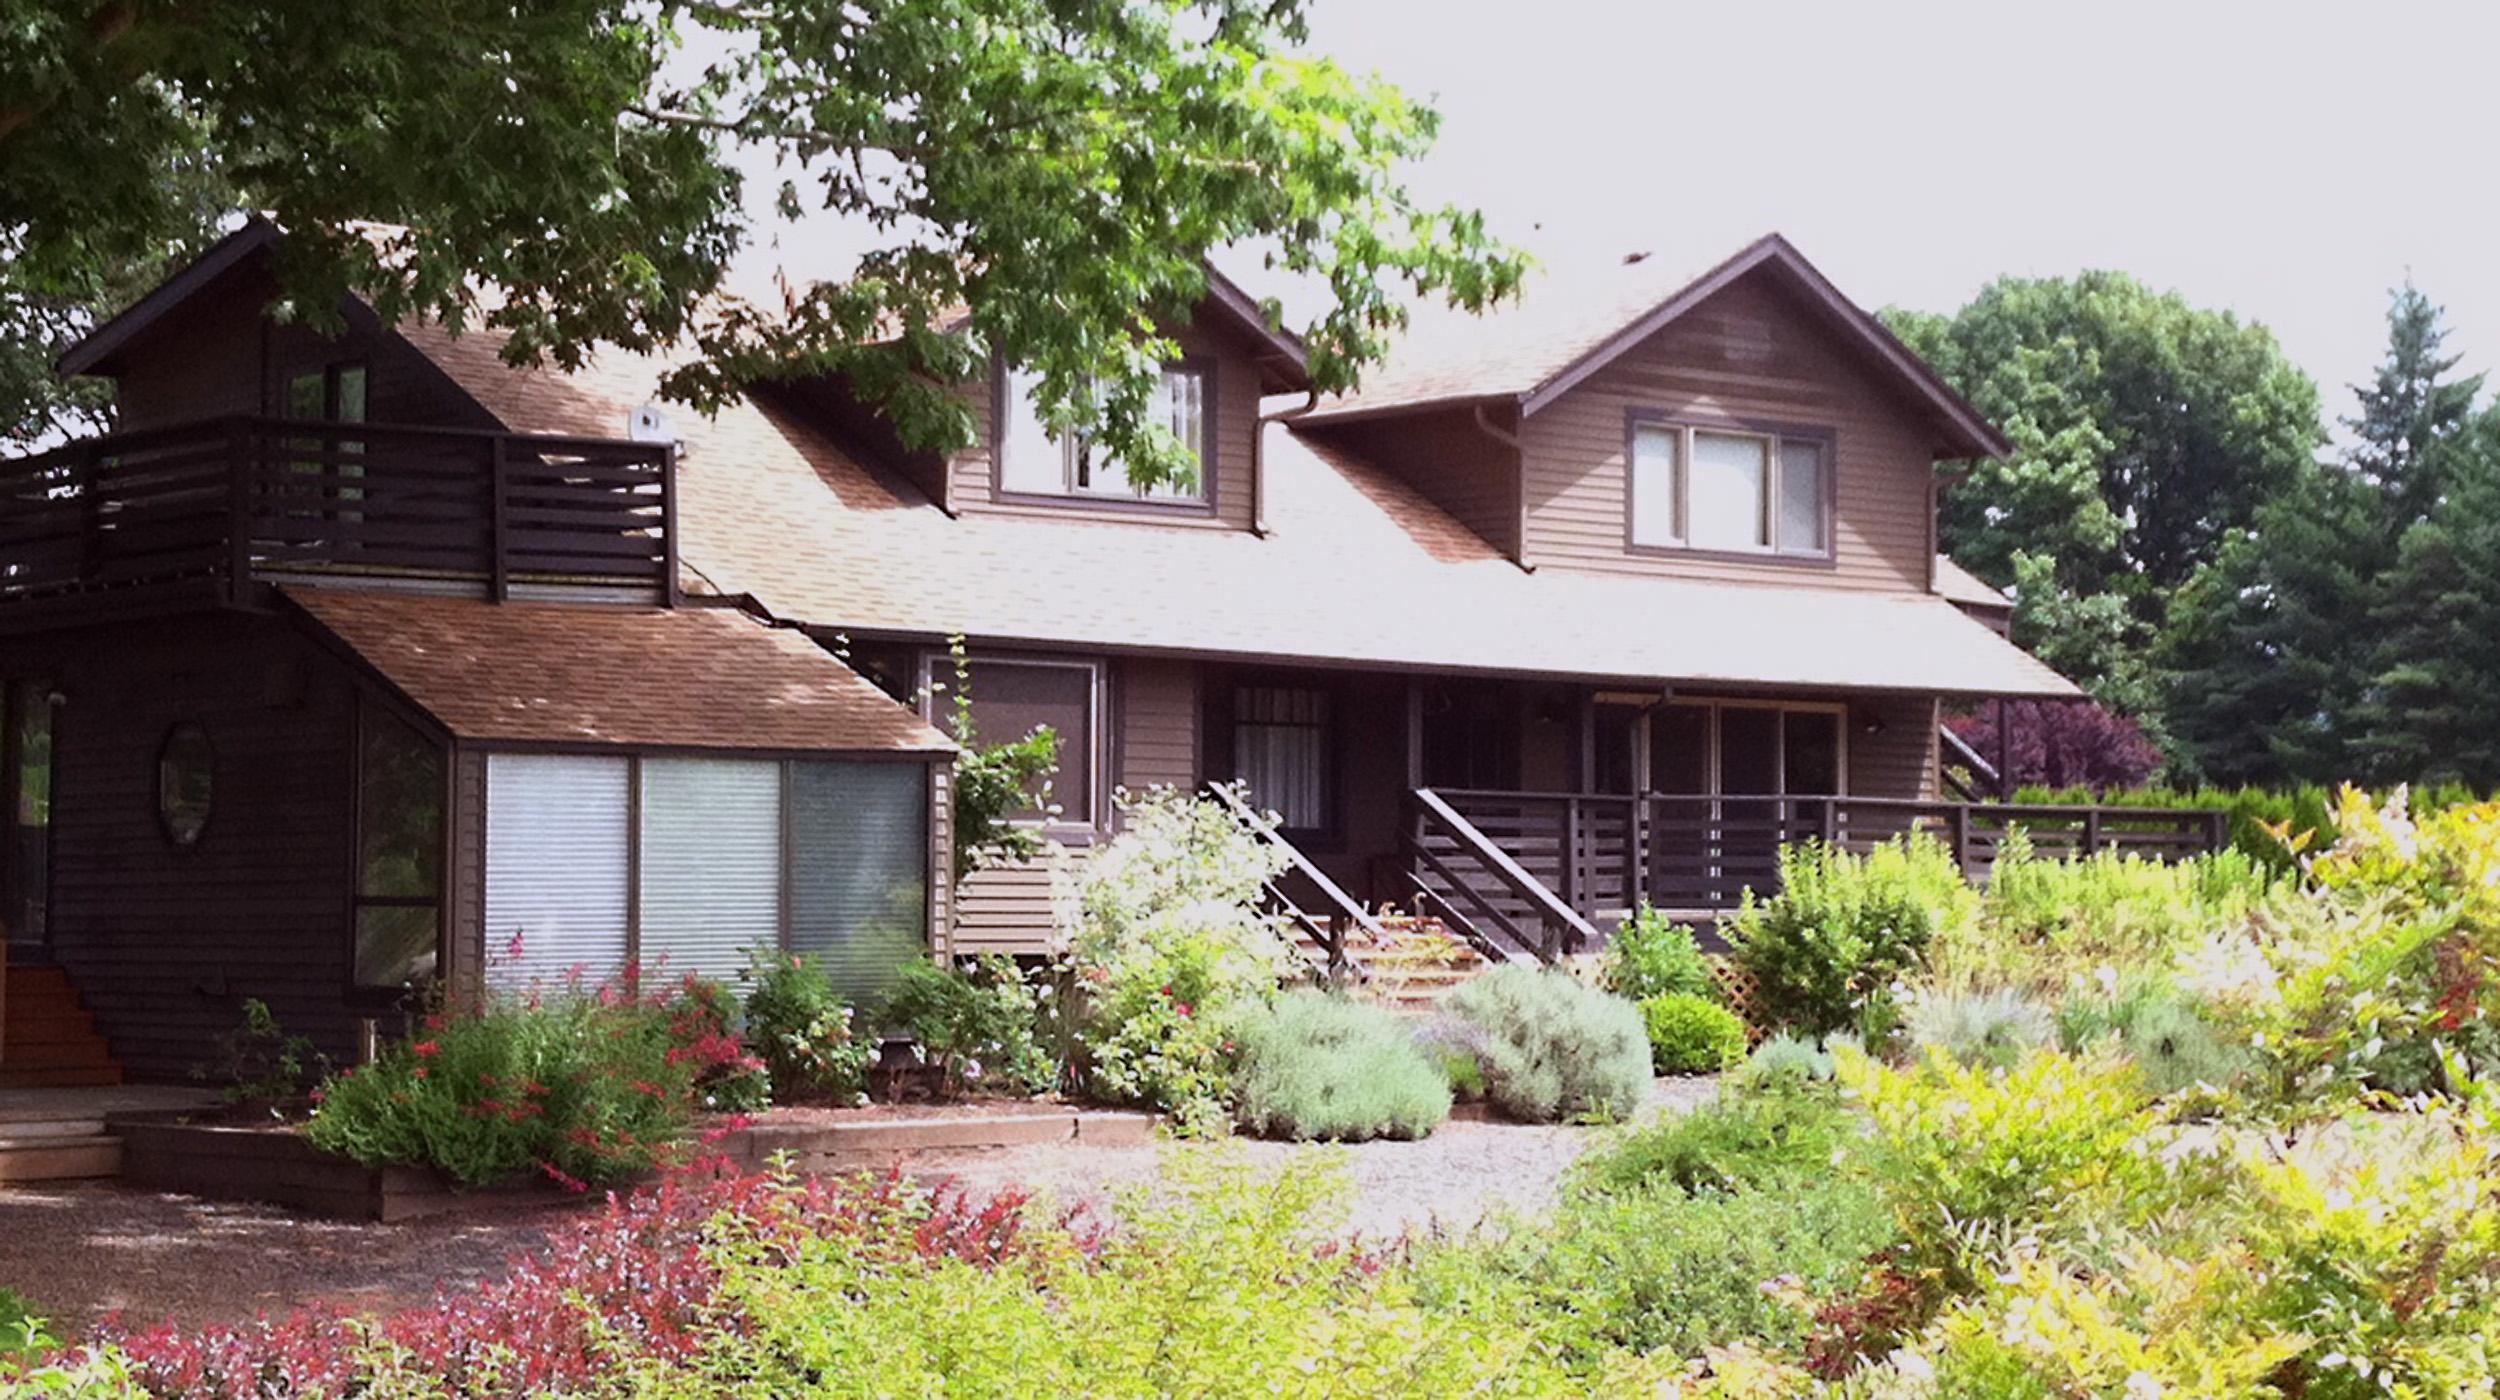 Willamette Farms Guesthouse in Newberg, Oregon